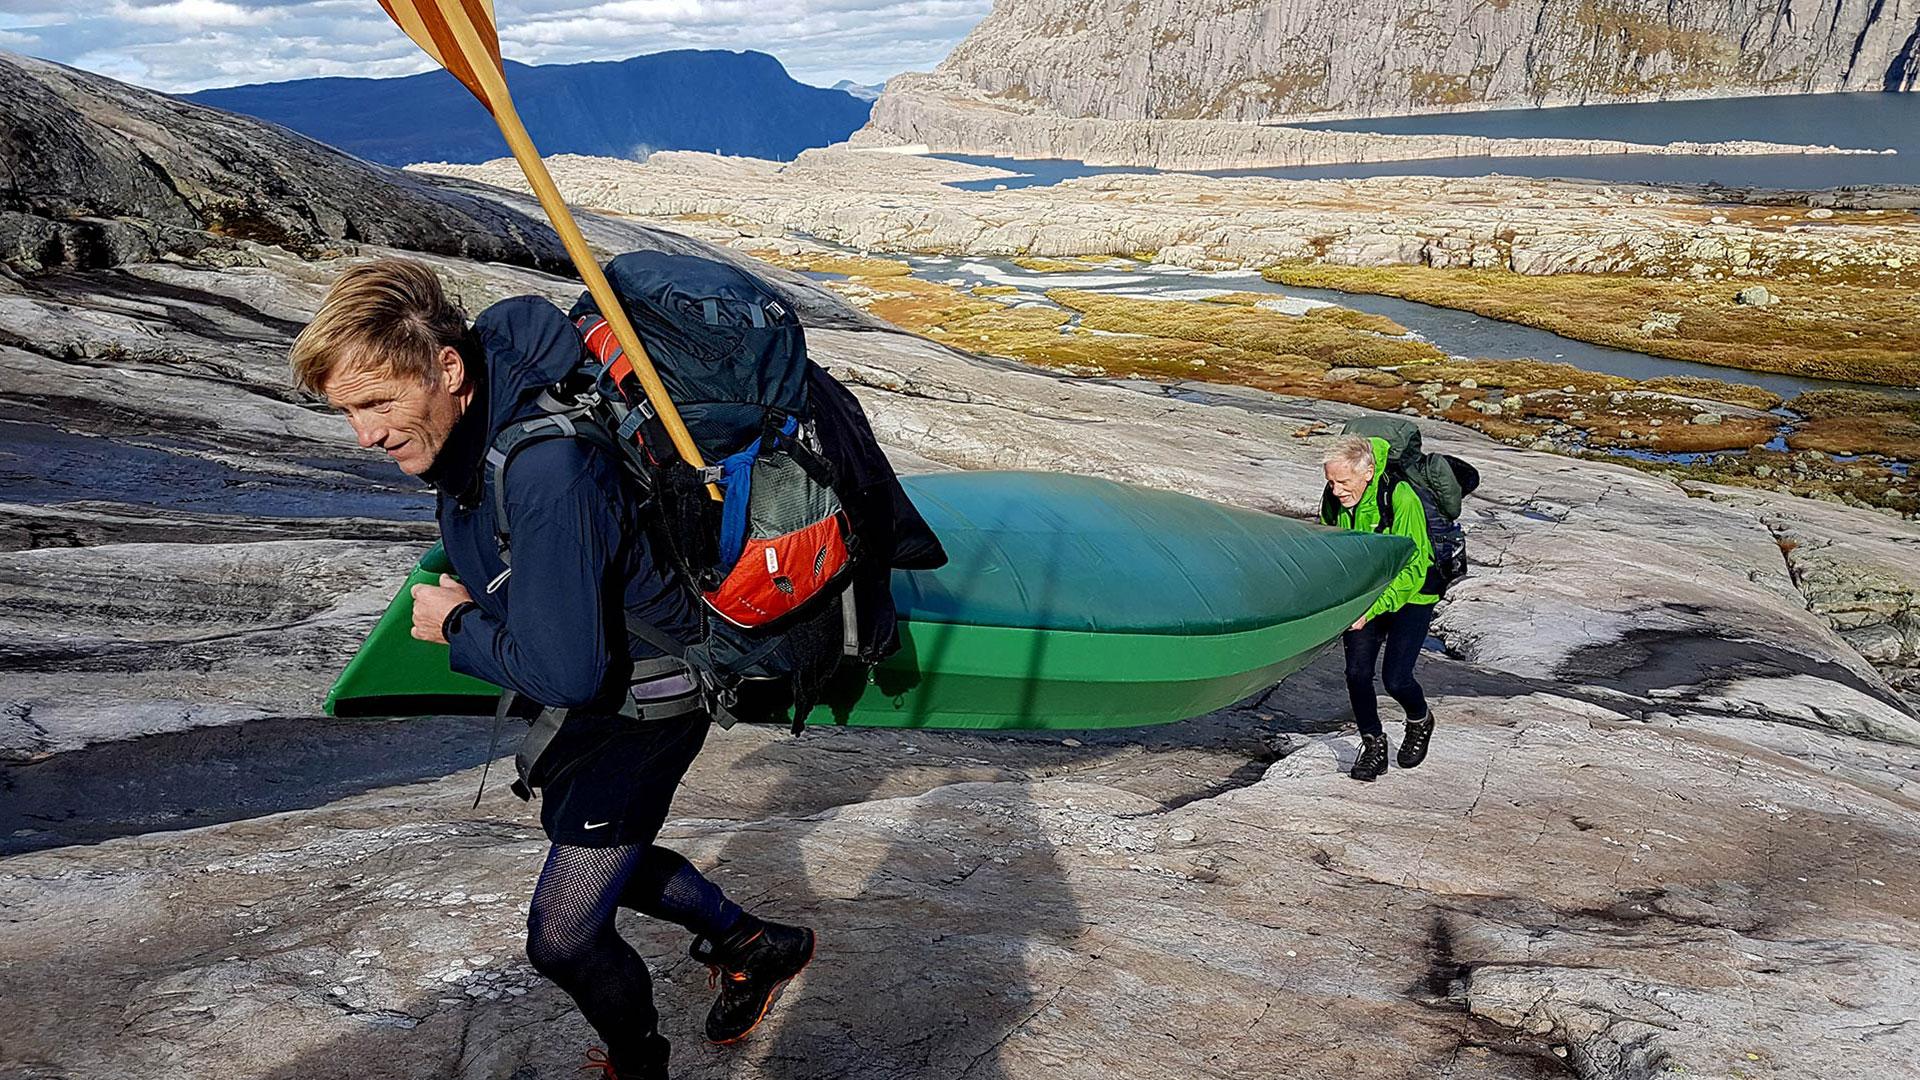 Menn som bærer kano i fjellet